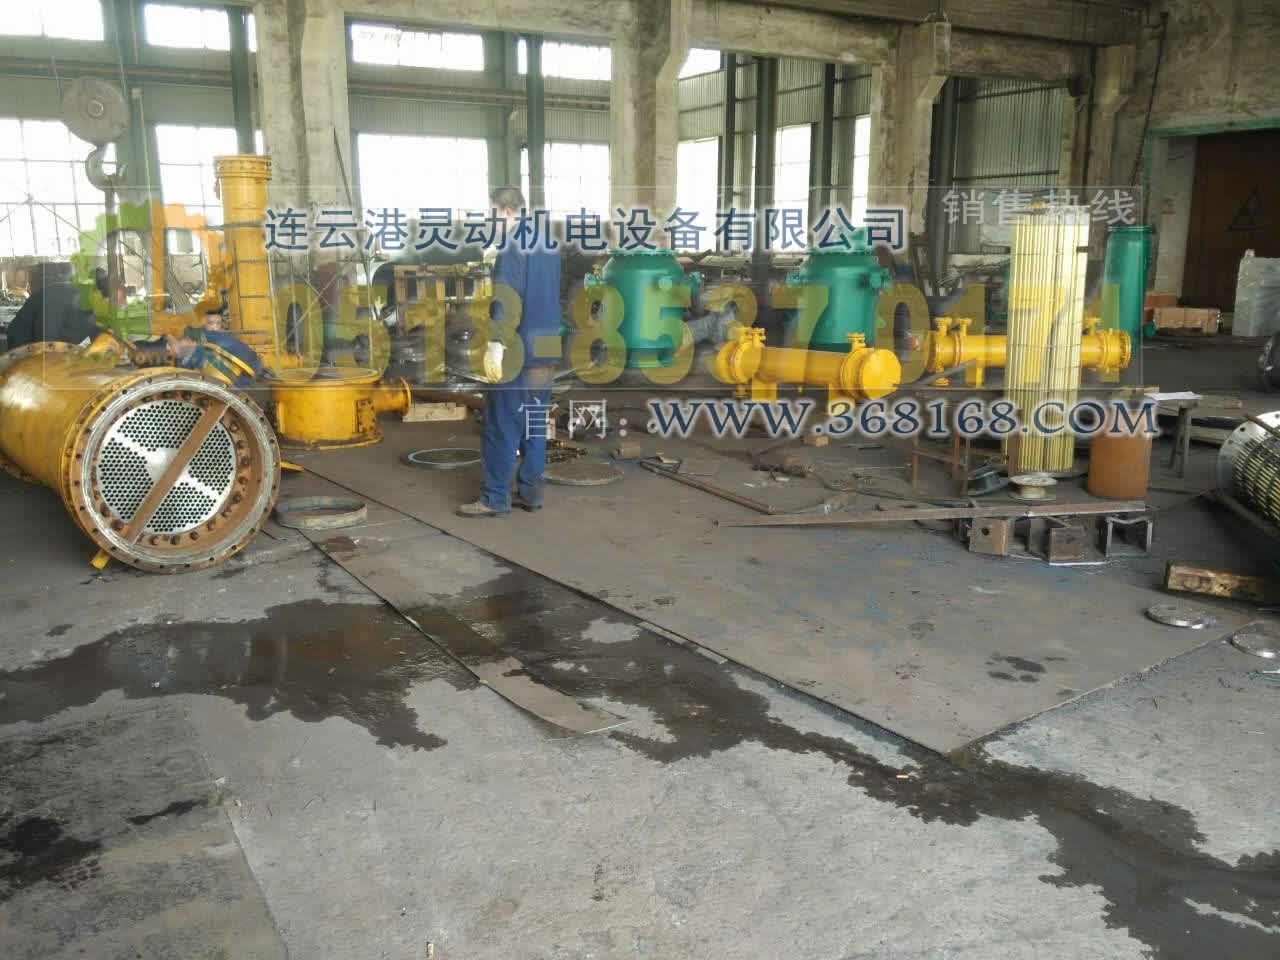 油水冷却器及列管式冷水器生产厂家冷水器换管